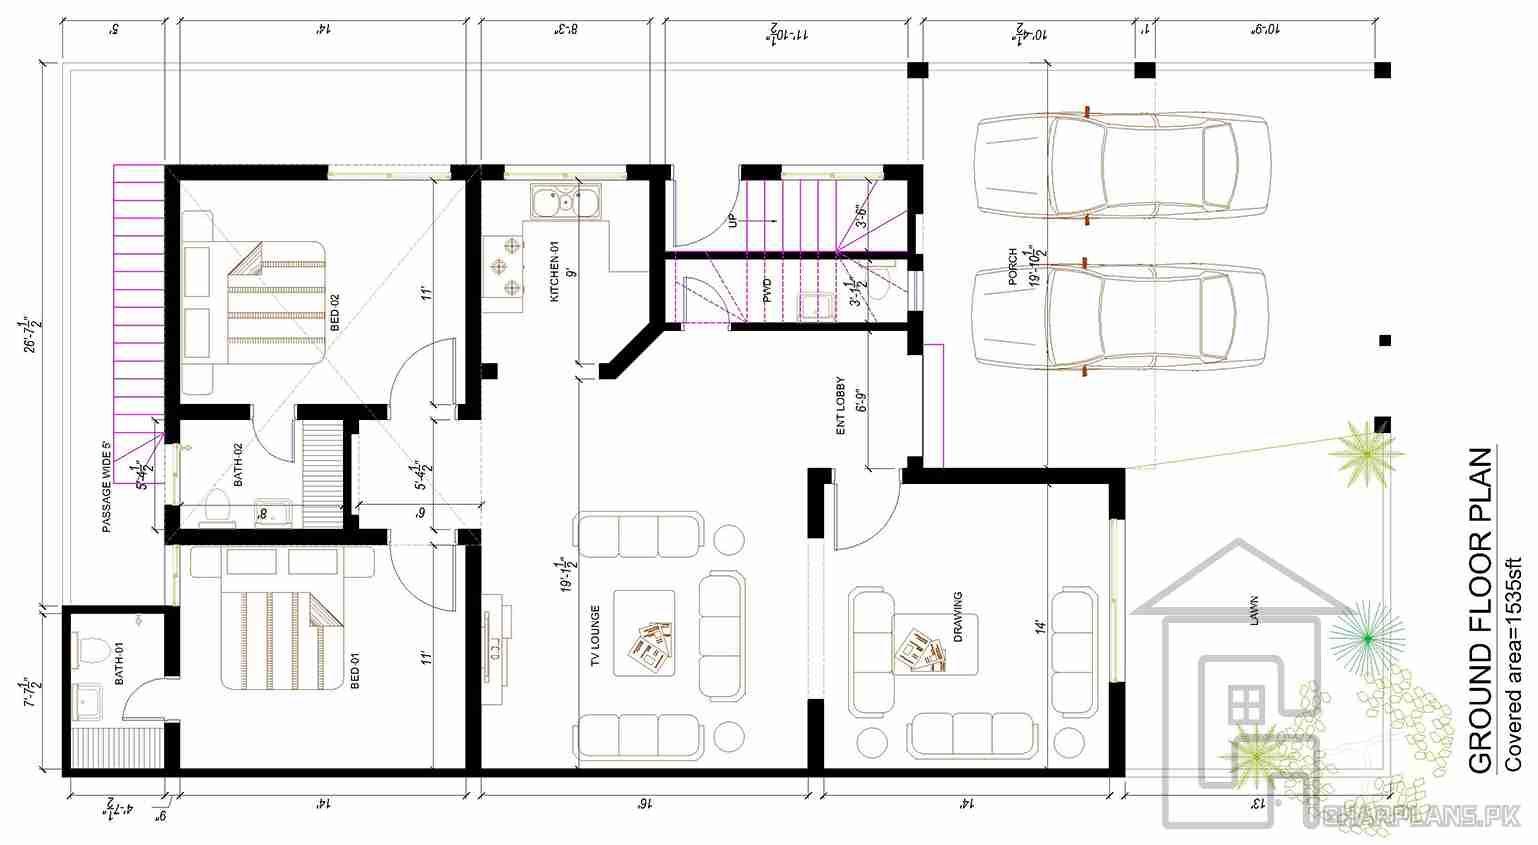 1538x845 floor design plan with ground floor ddddd in floor